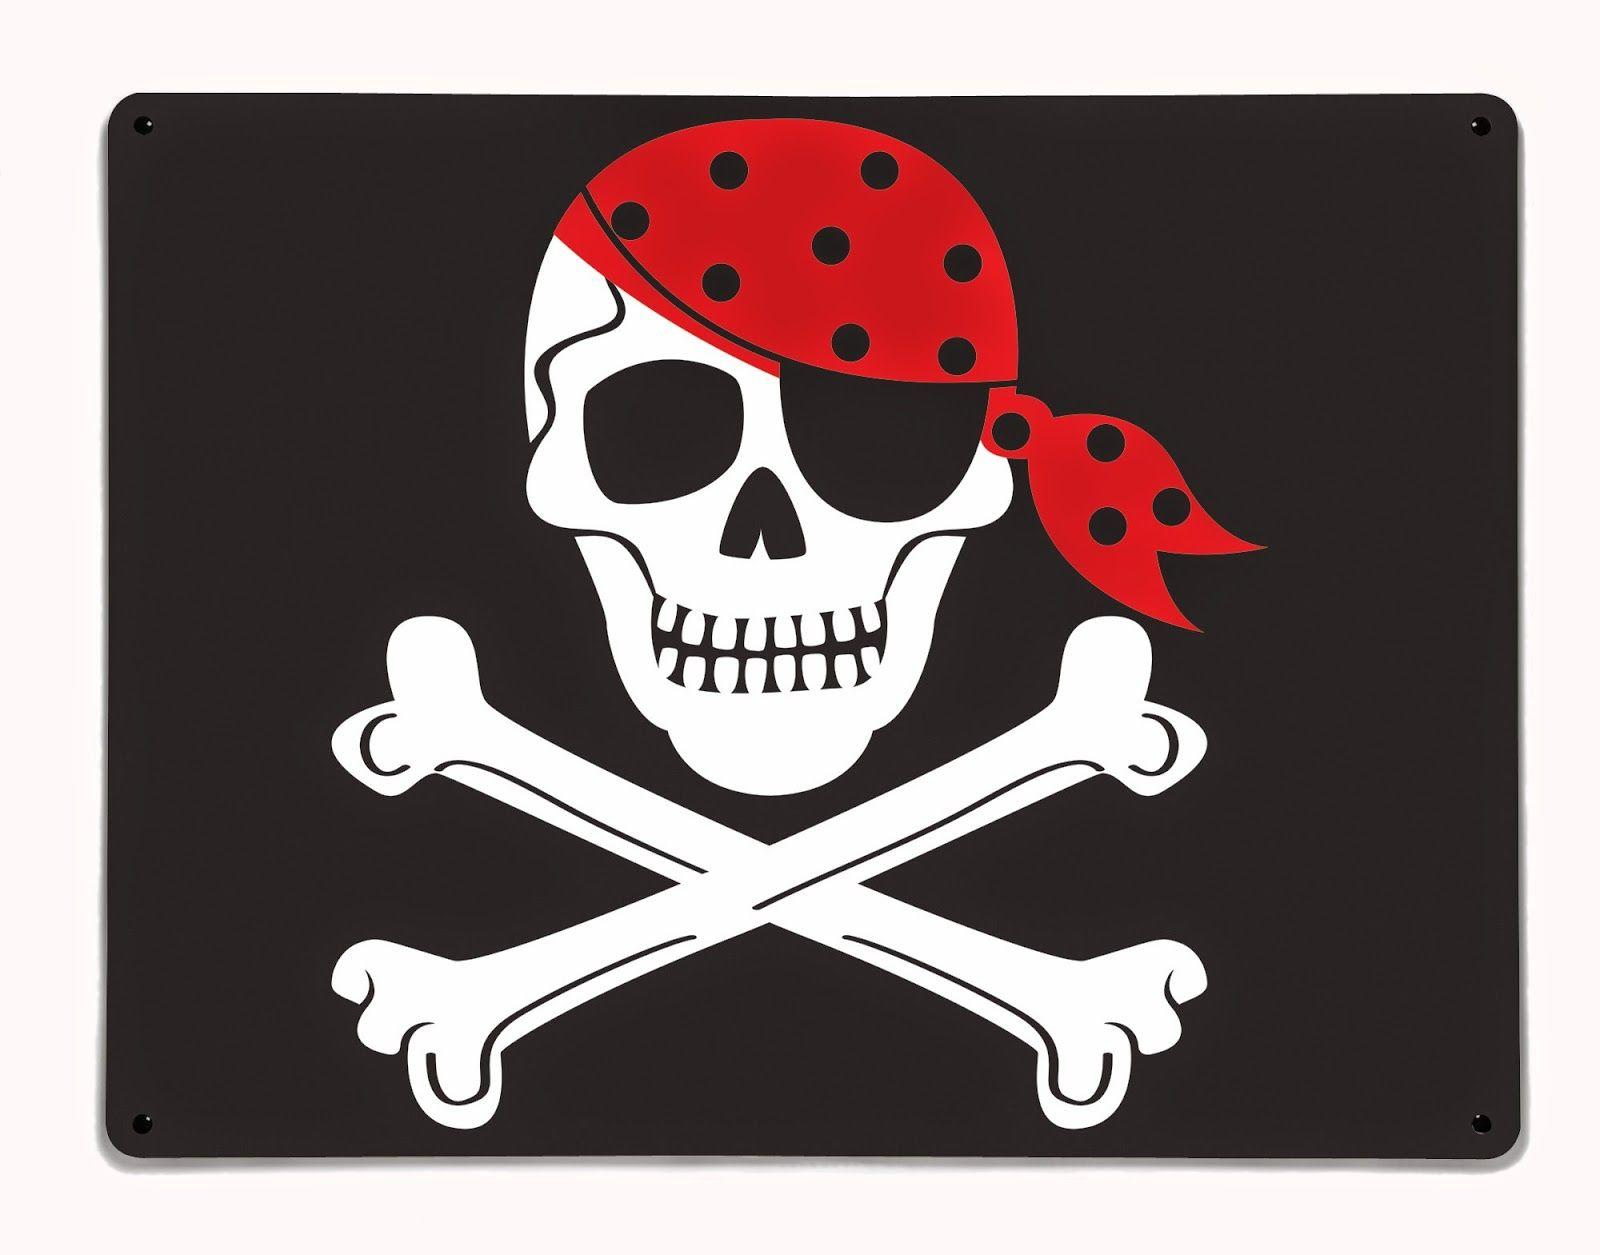 пират с флагом картинка раскрасками английском языке